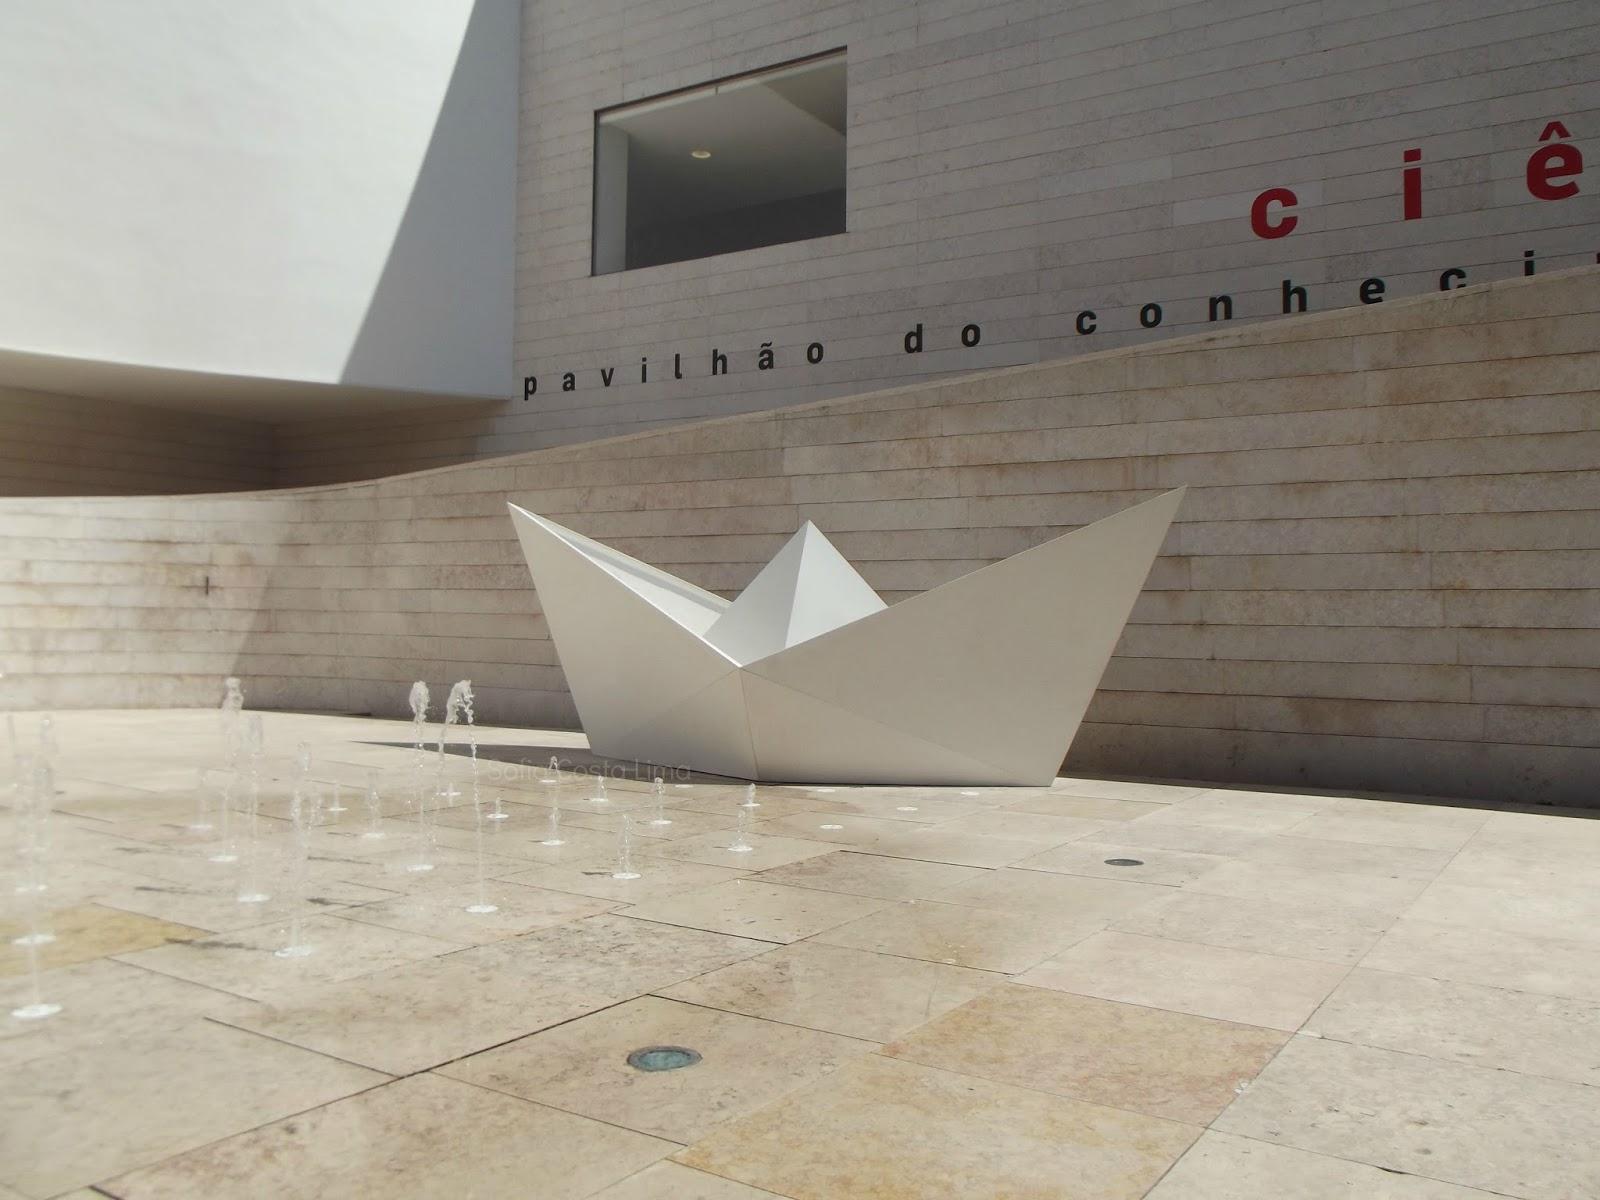 Lisboa: Parque das Nações - Pavilhão do Conhecimento